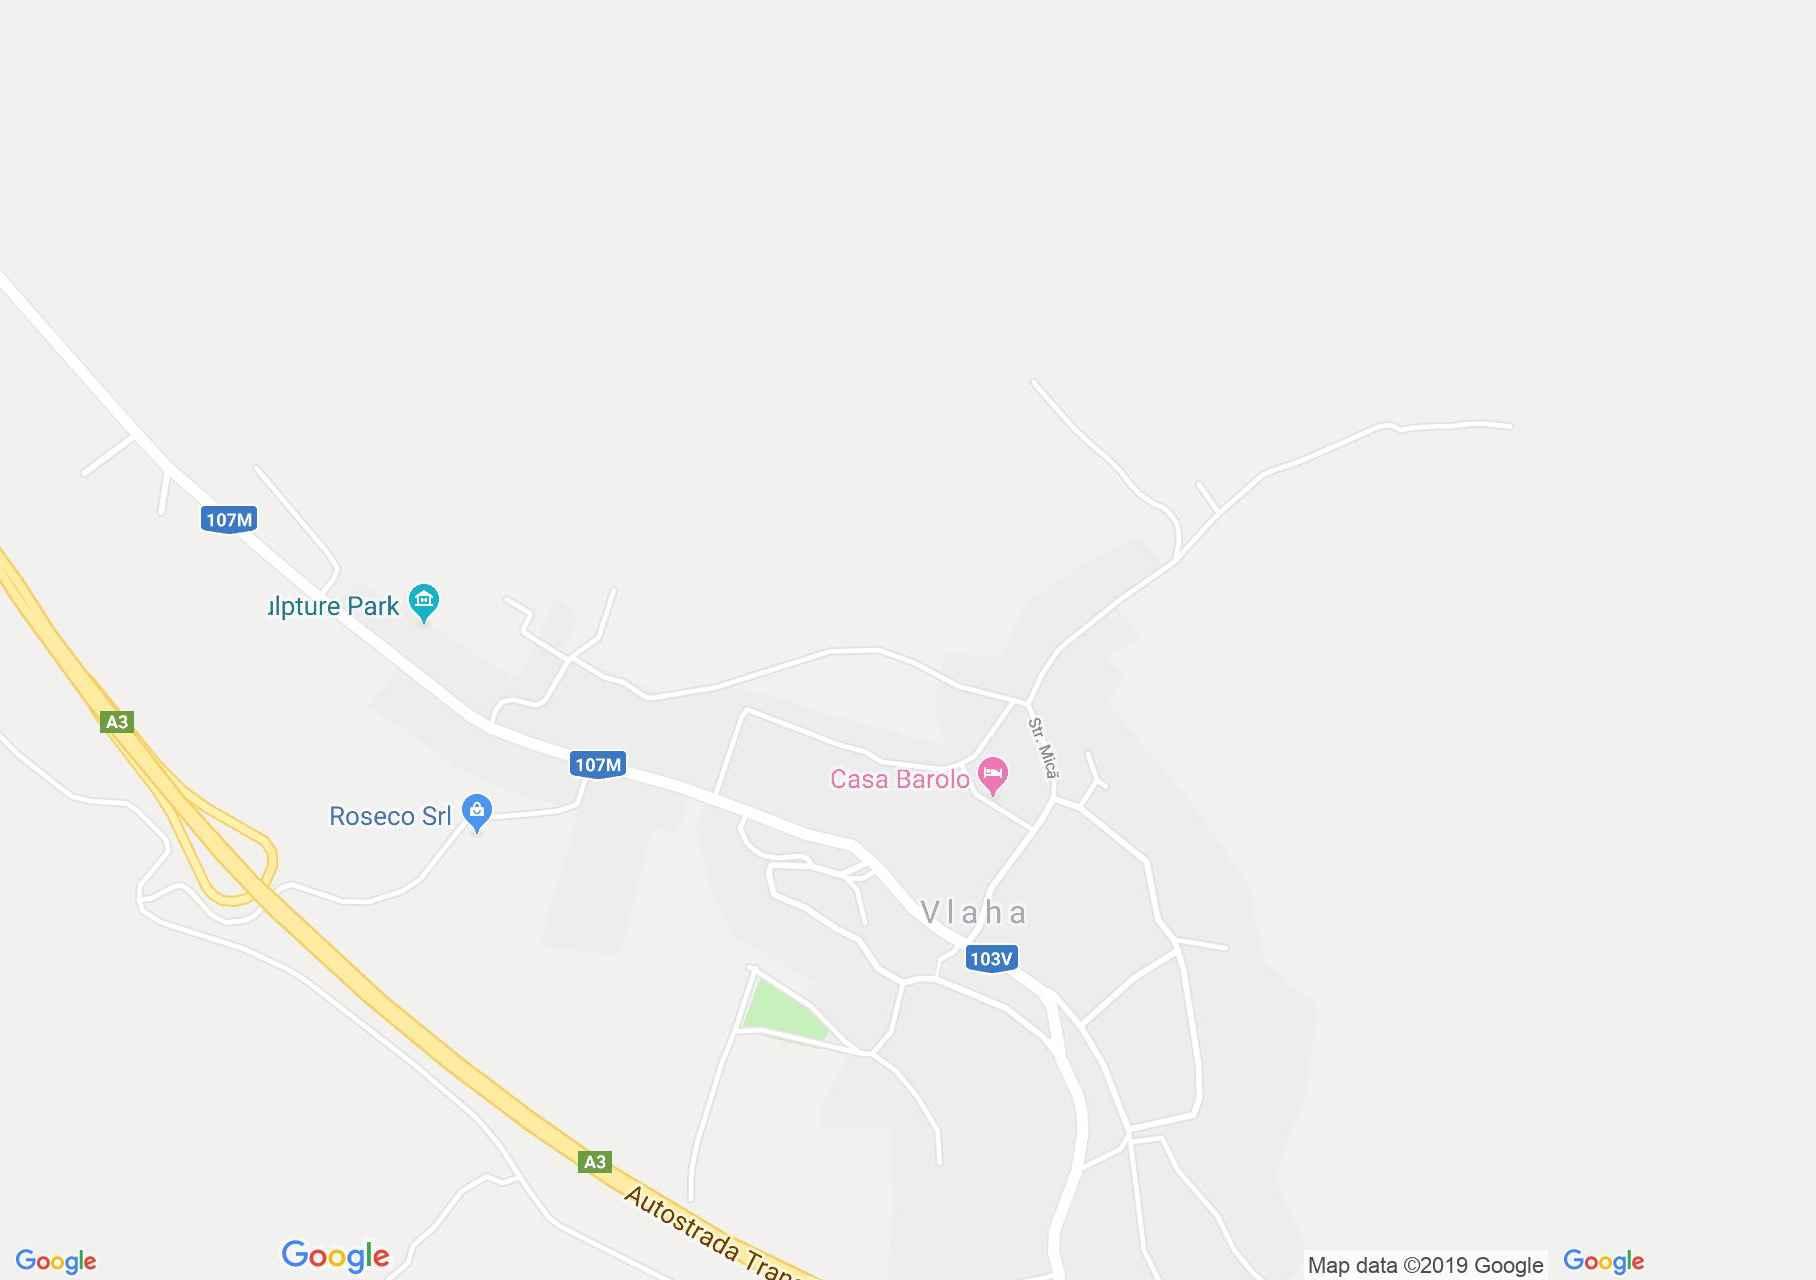 Map of Vlaha: Catholic church